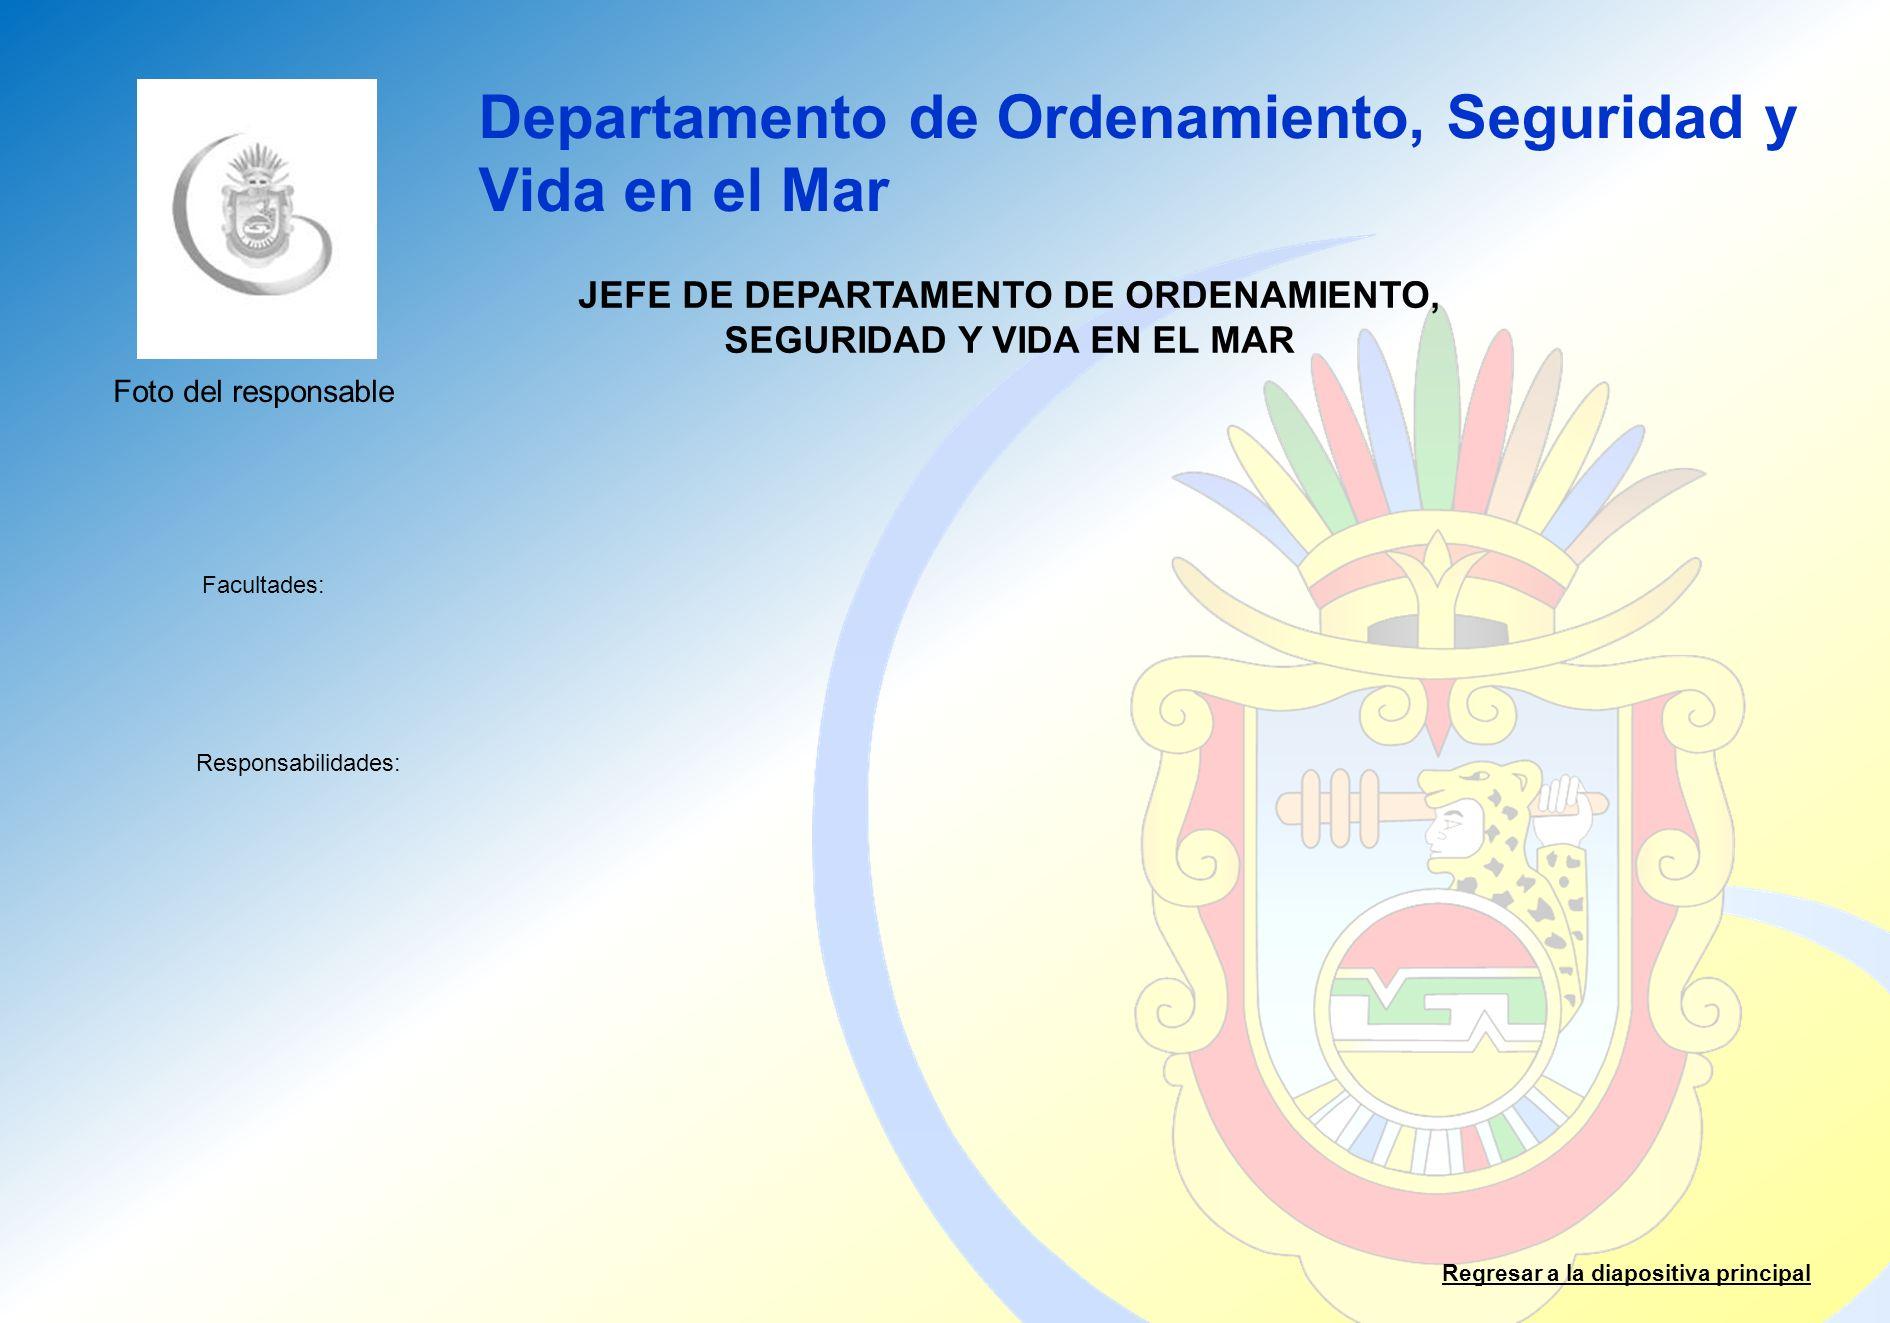 JEFE DE DEPARTAMENTO DE ORDENAMIENTO, SEGURIDAD Y VIDA EN EL MAR